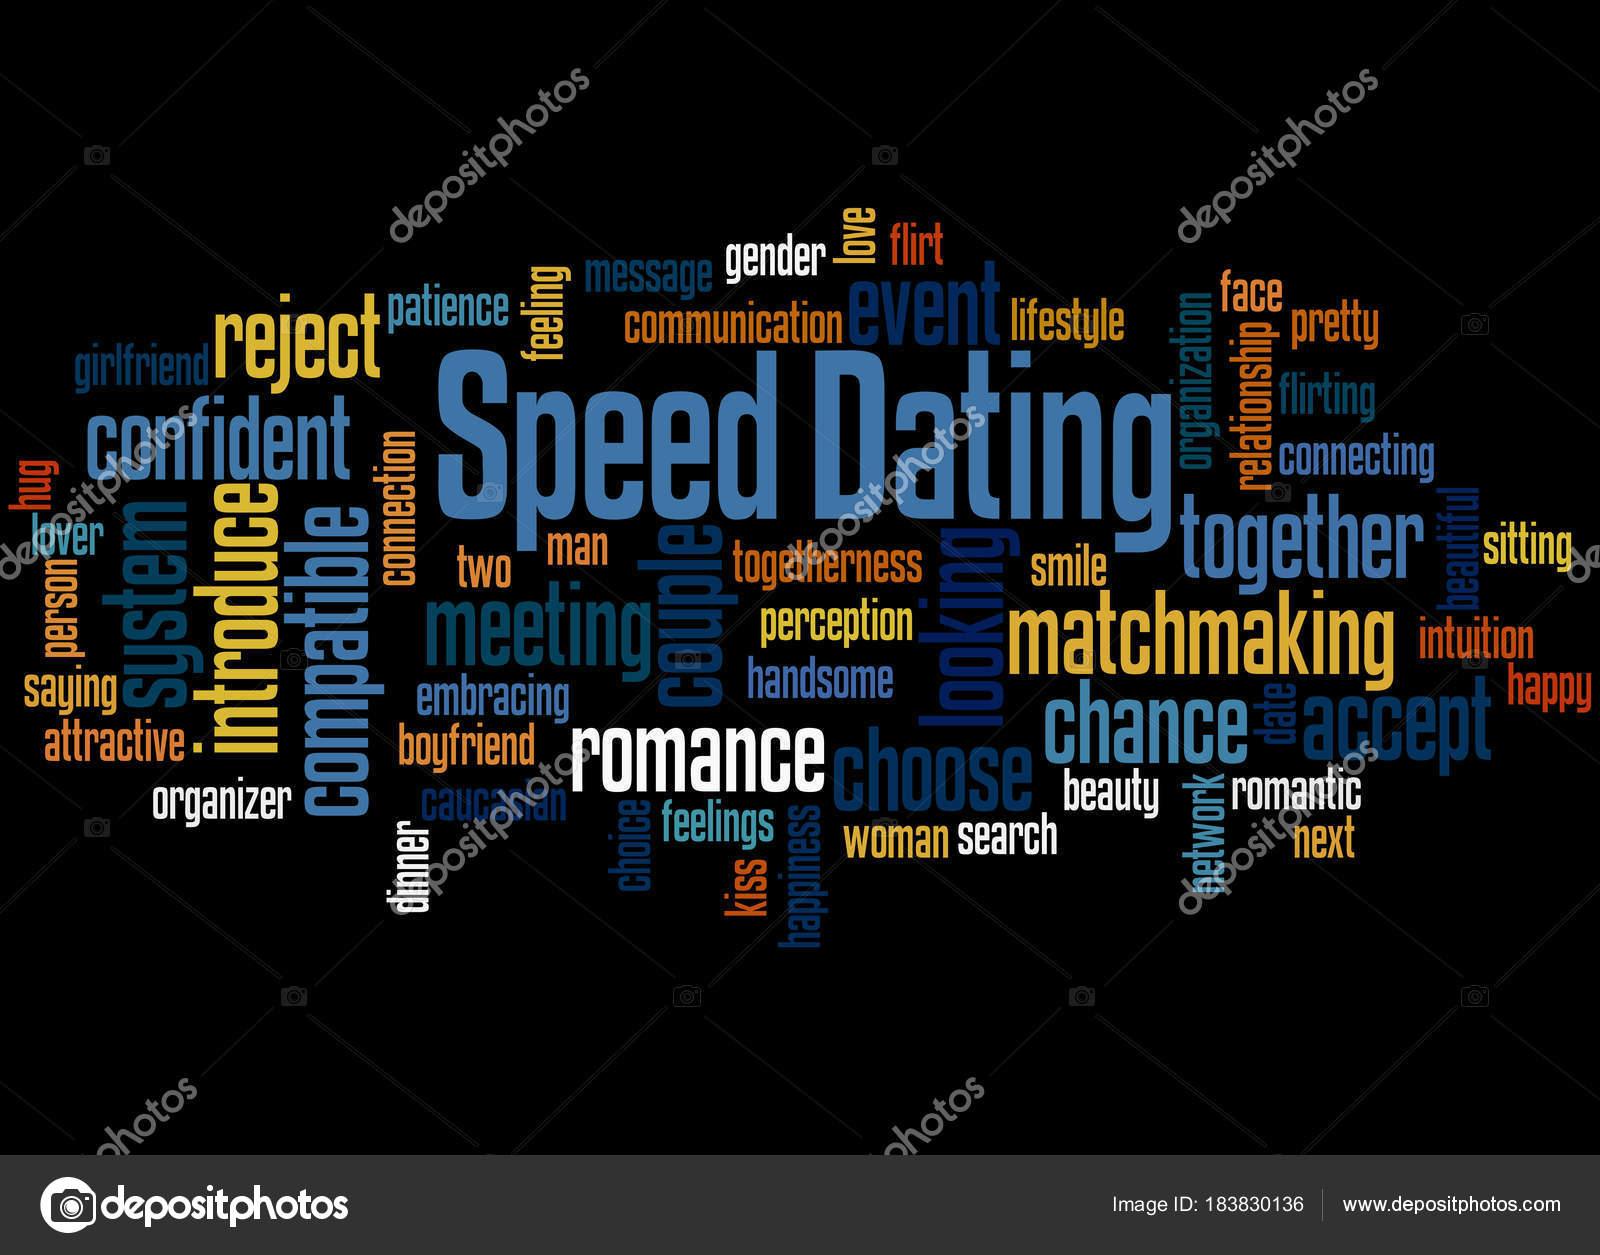 Ημερομηνία ταχύτητα dating